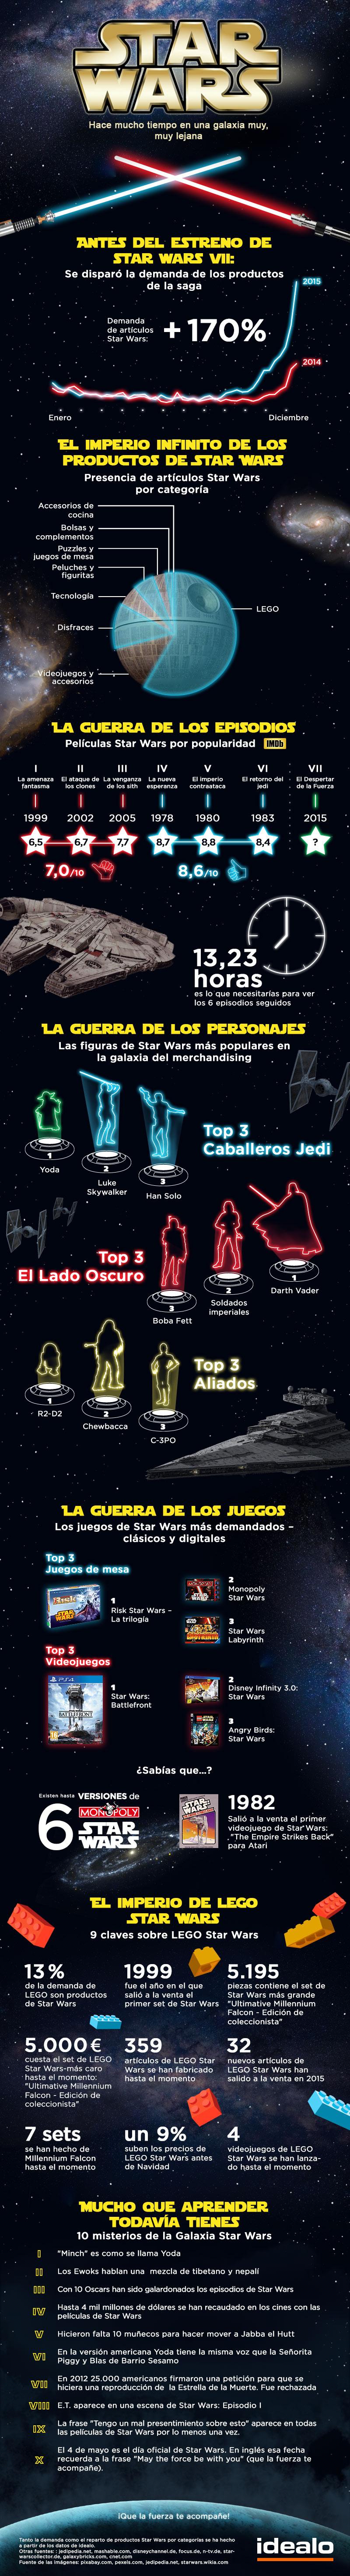 Star Wars: todo lo que debes de saber